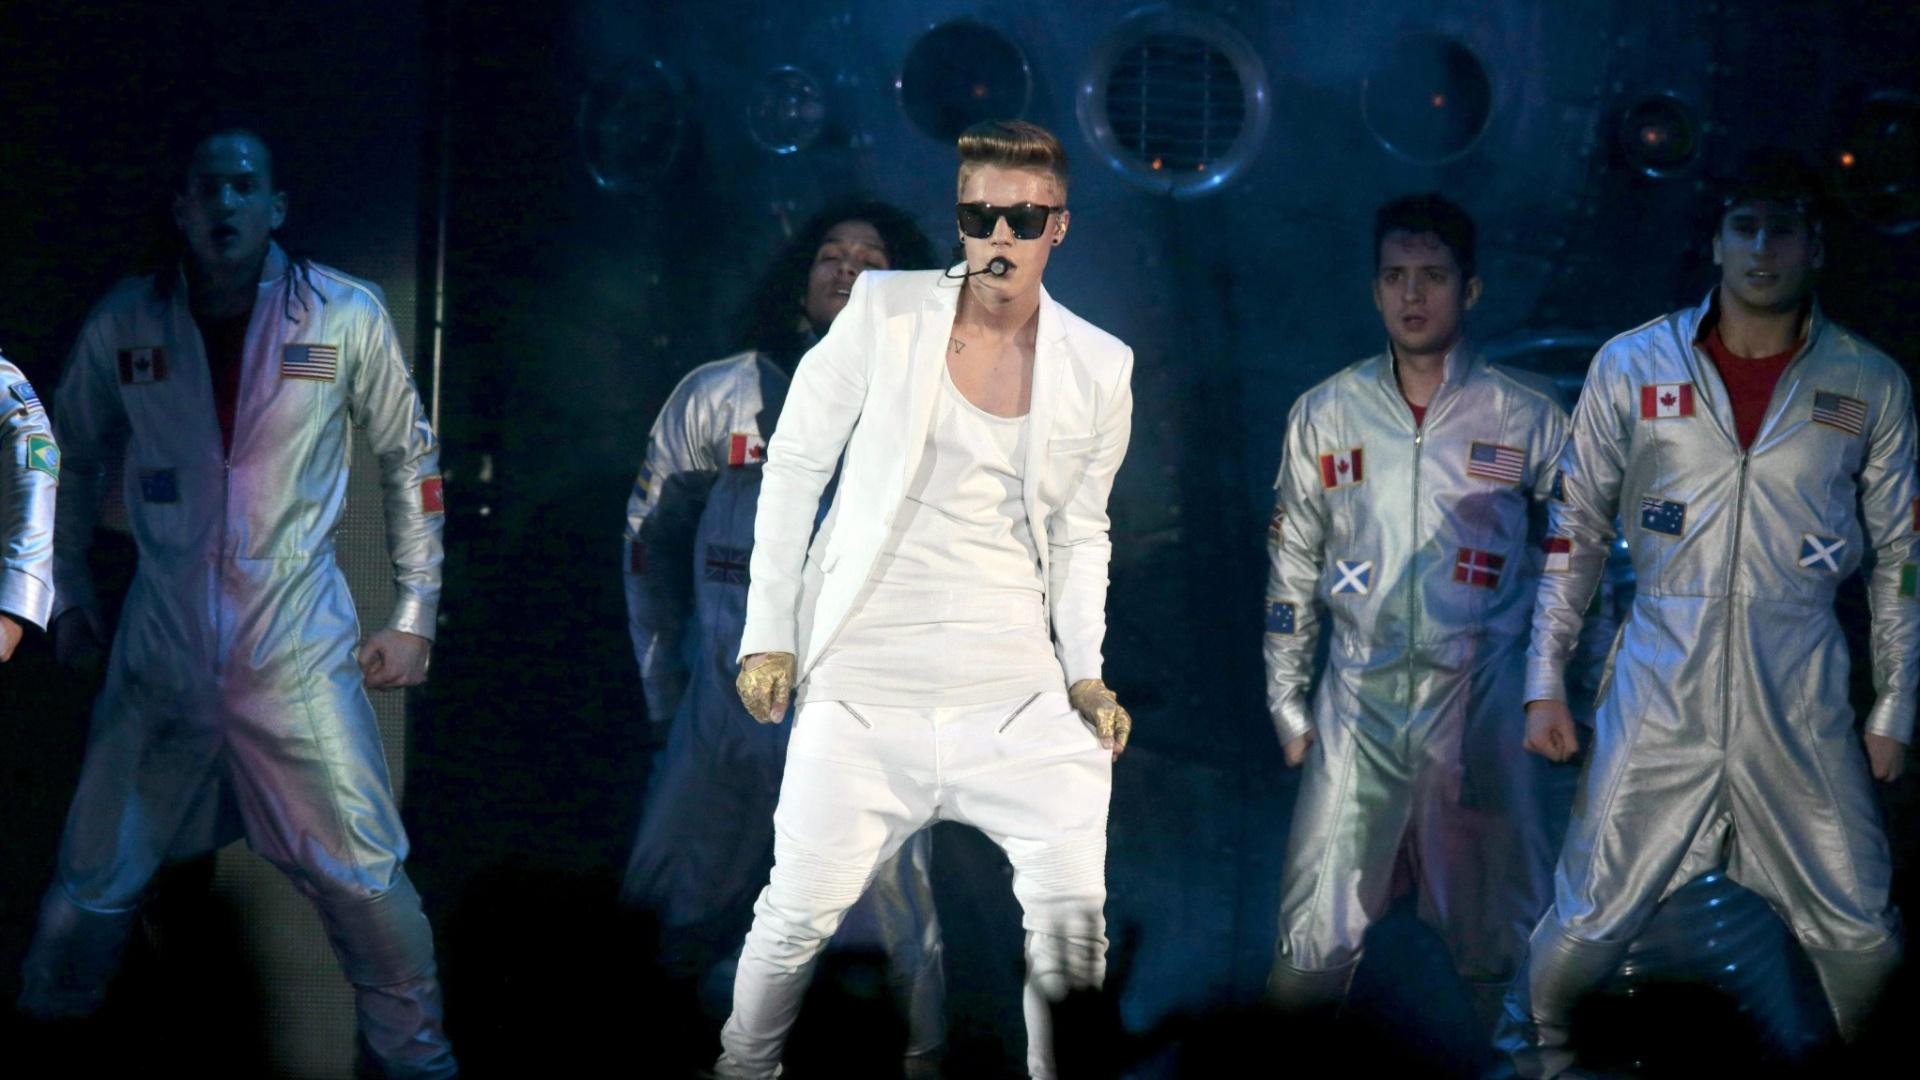 16.abr.2013 - Apresentação de Justin Bieber tem coreografias acompanhadas por um grupo de bailarinos. O show desta terça-feira (16) foi o primeiro dos três marcados em Oslo, na Noruega